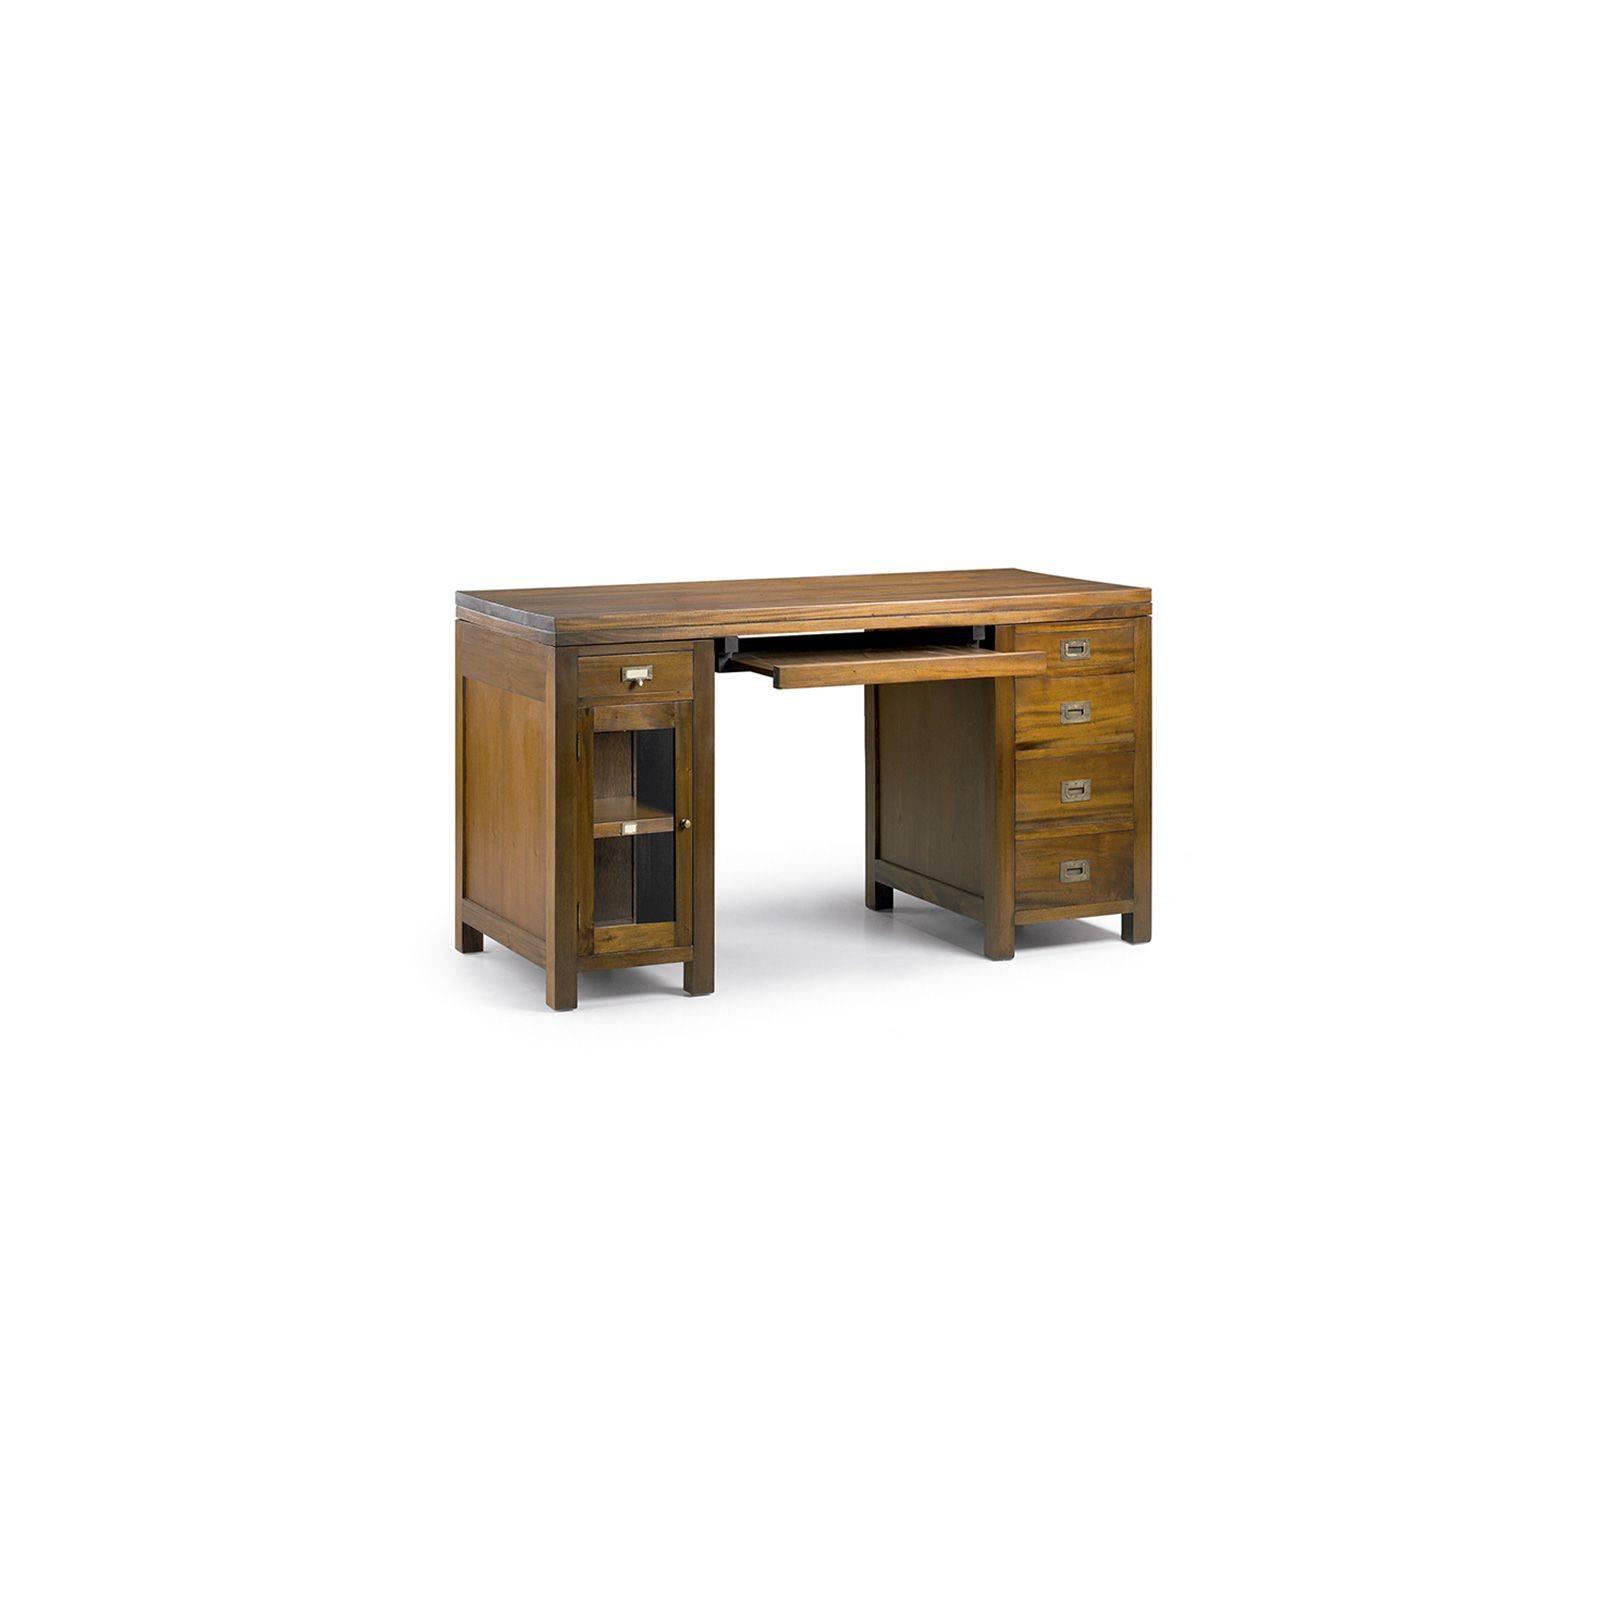 bureau au style colonial en acajou massif tendance exotique. Black Bedroom Furniture Sets. Home Design Ideas